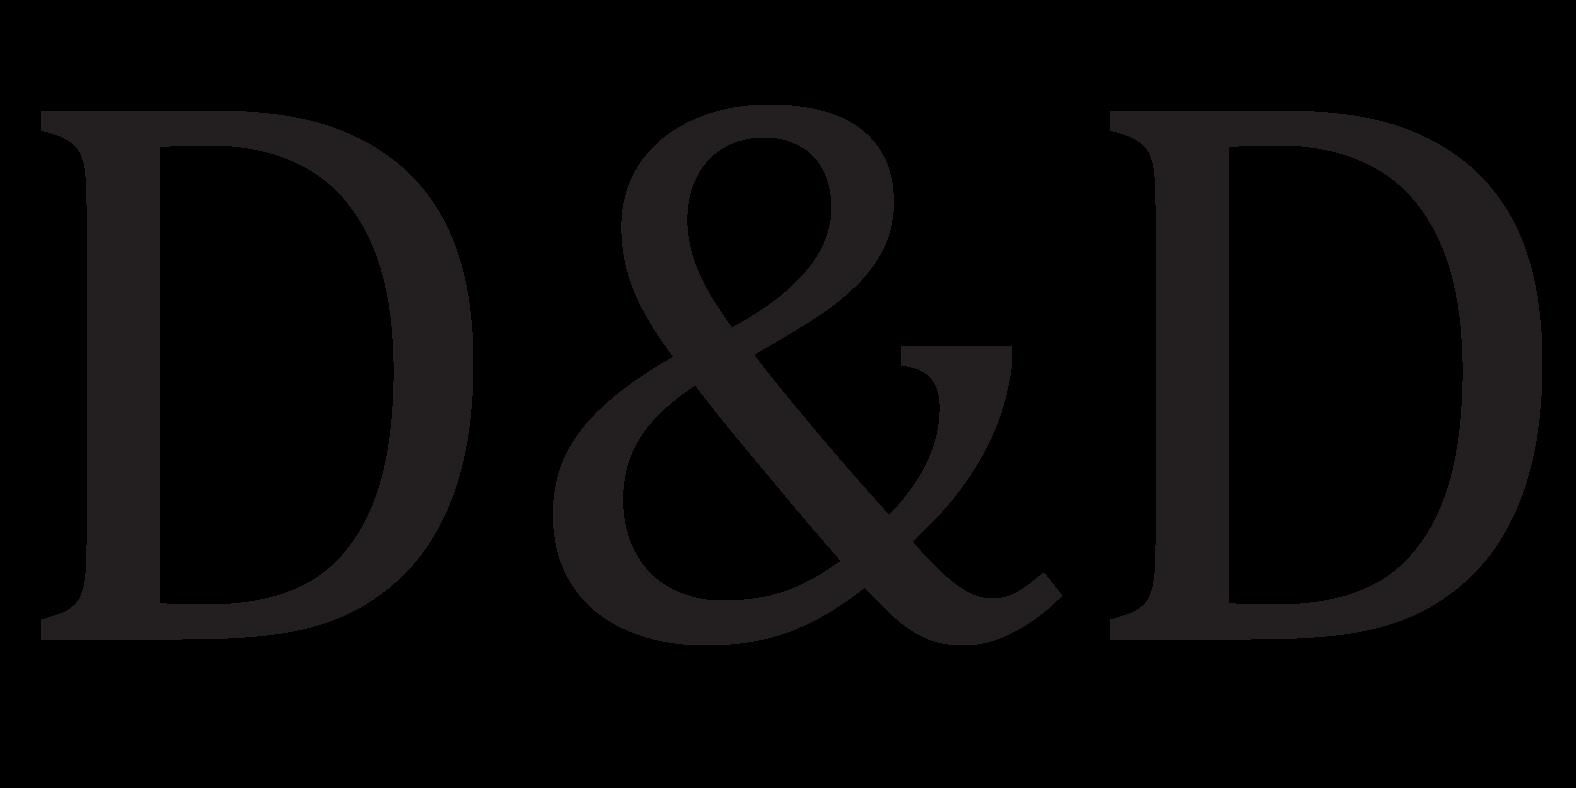 Knjigovodstvena agencija D&D